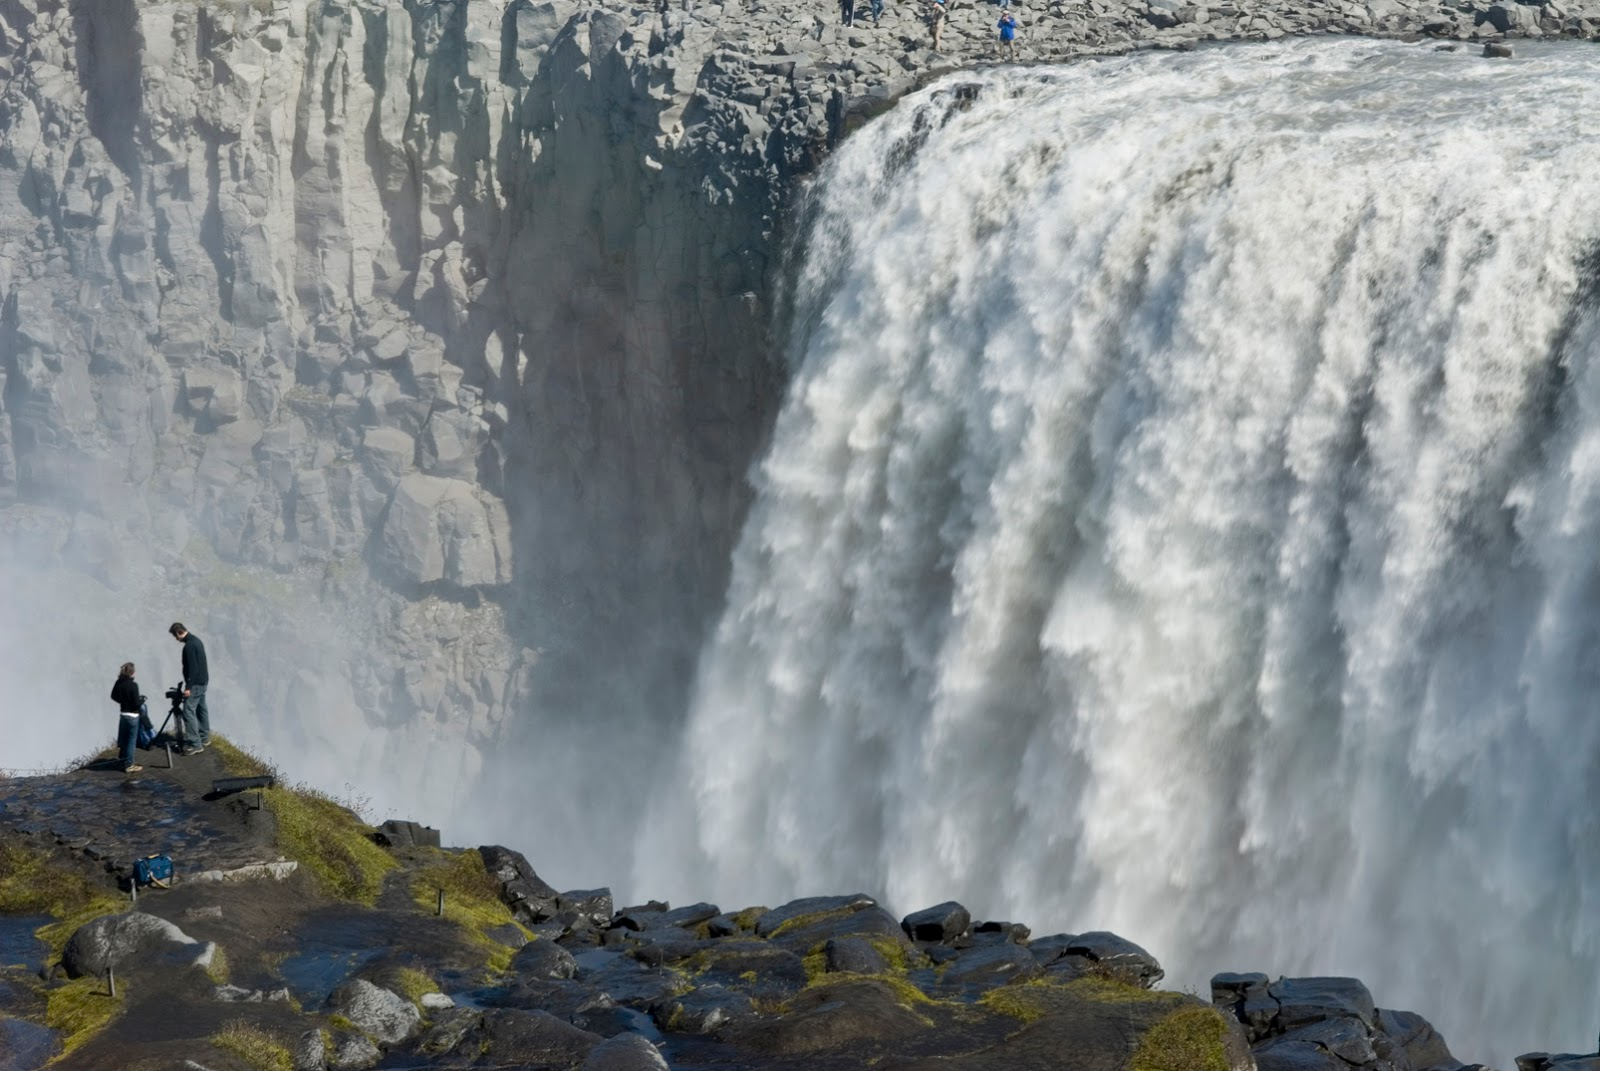 11 Consejos Para Fotografiar Impresionantes Cataratas Con: Noticias Y Viajes A Islandia -: Las